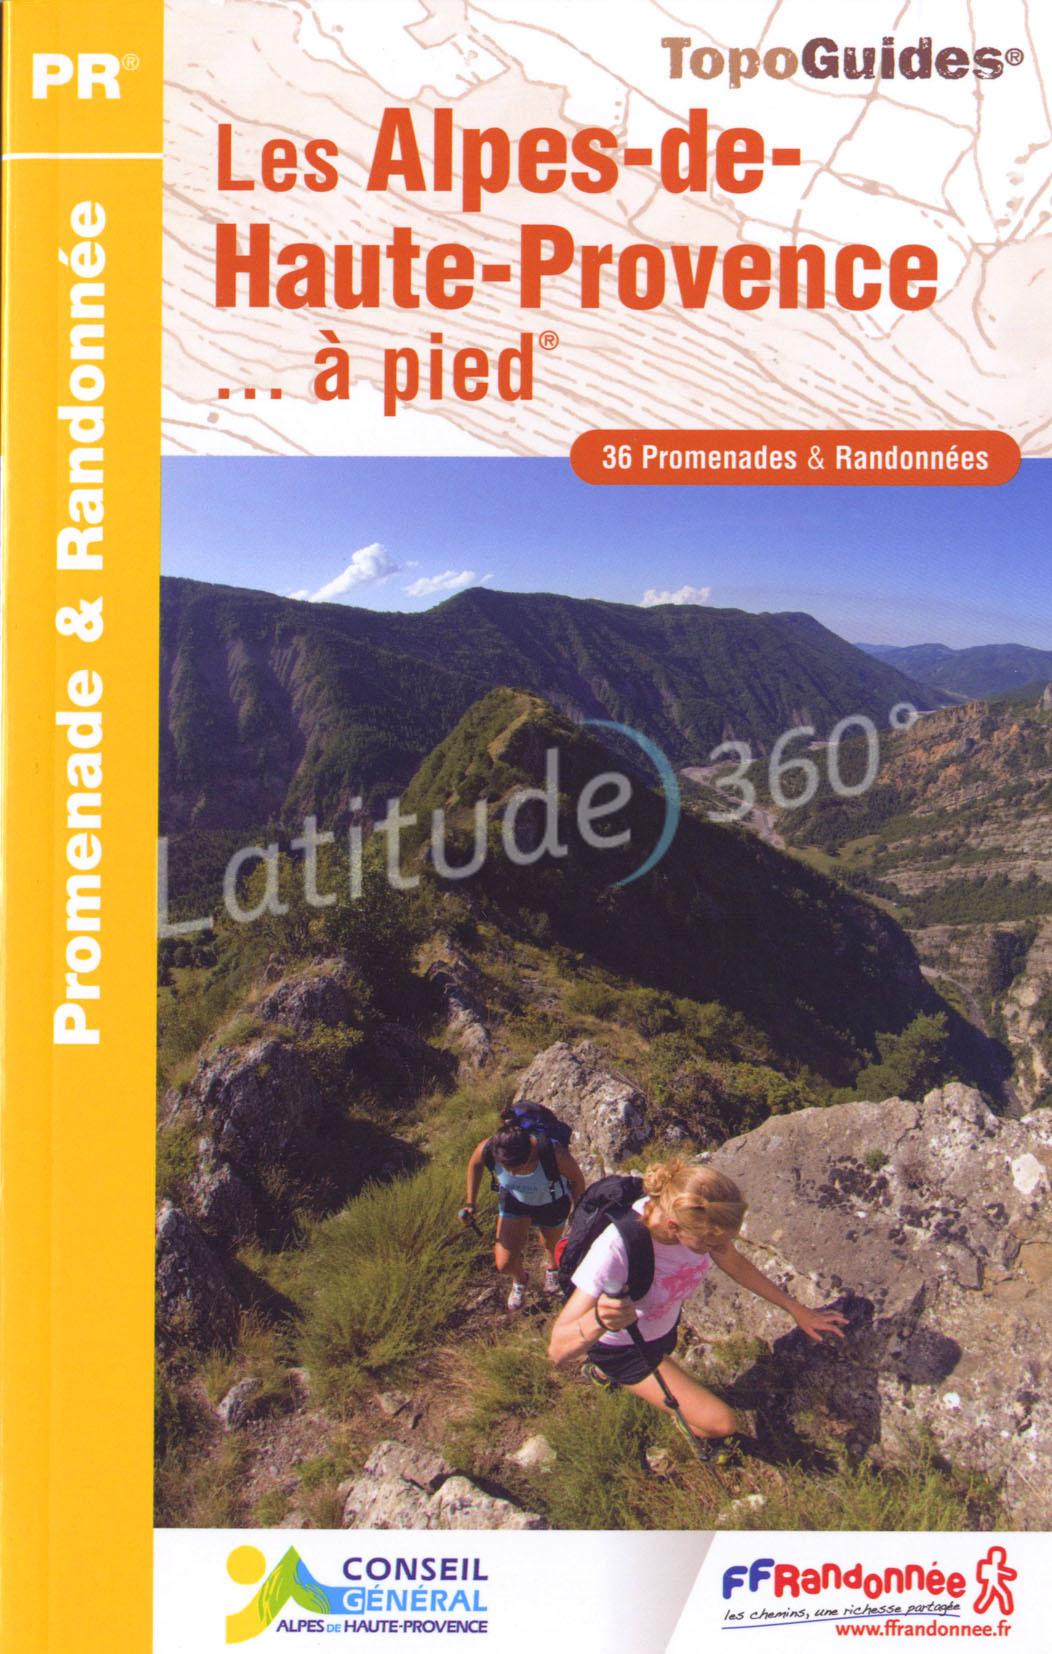 Wandelgids Les Alpes-de Haute-Provence a pied , omgeving Digne-les-Bains   FFRP D004